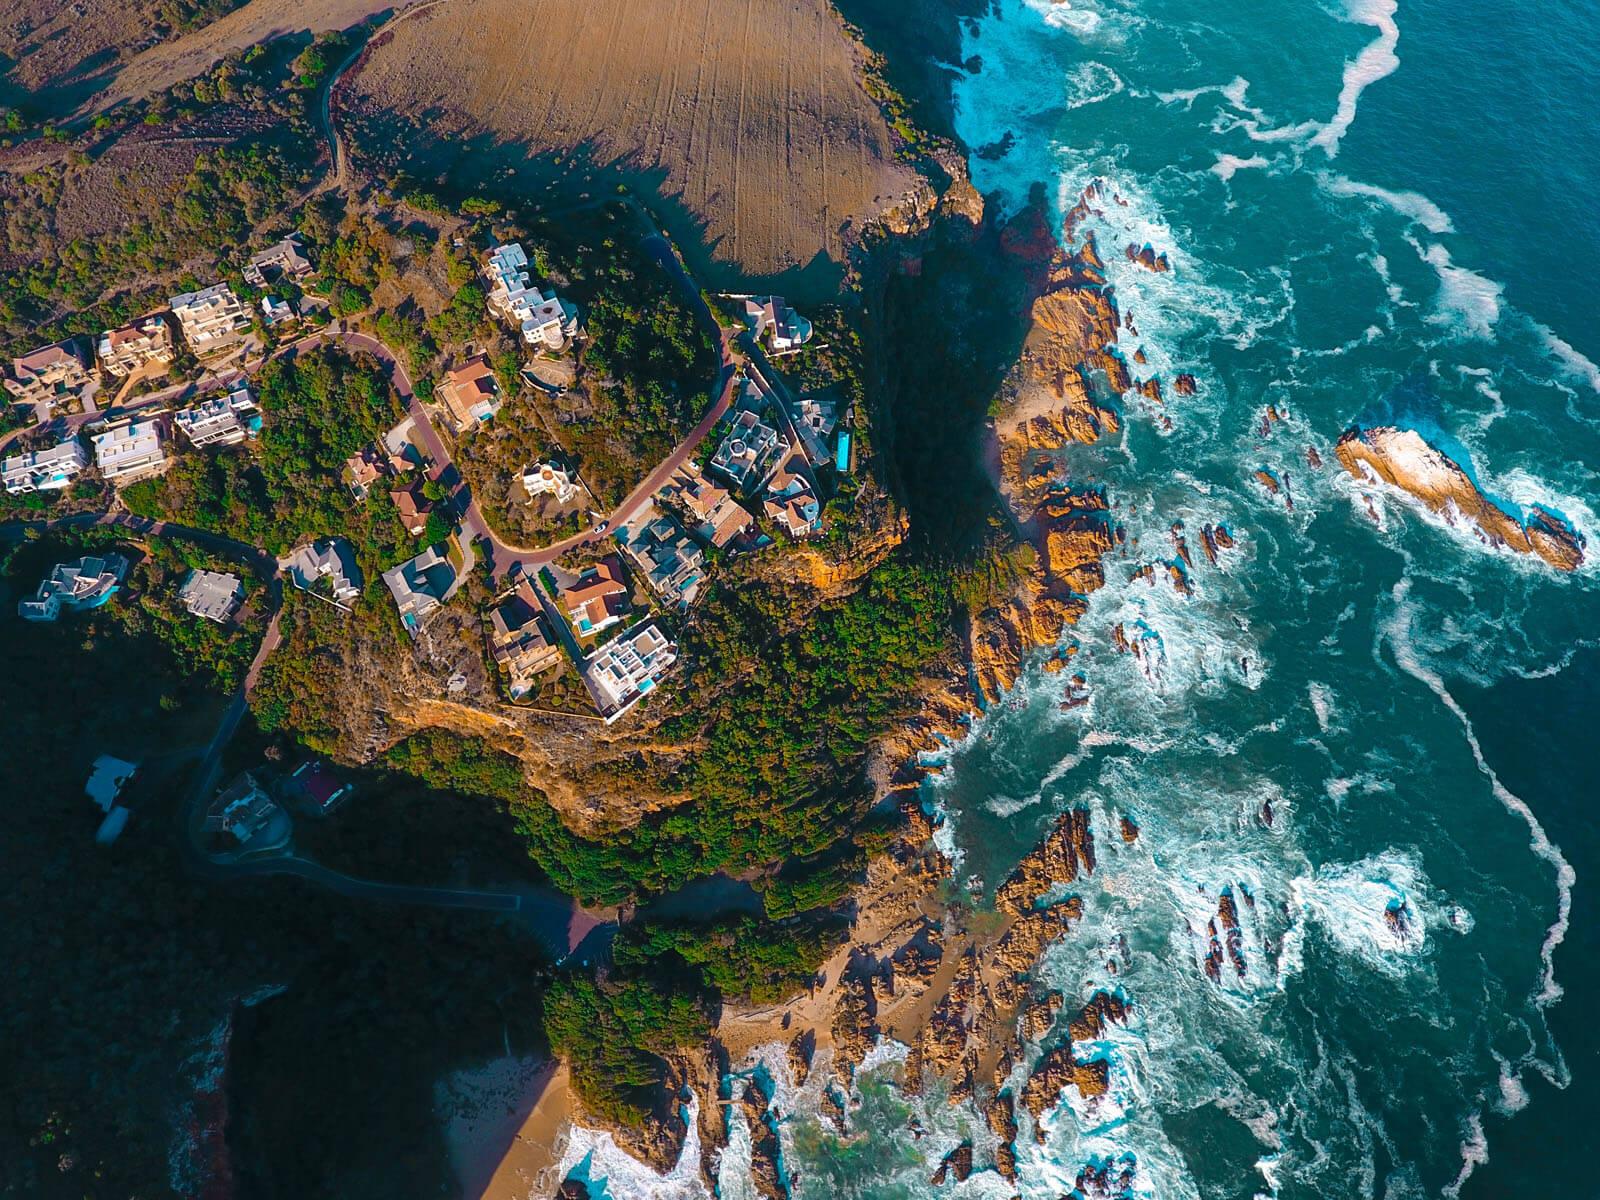 coney-glen-knysna-beach-braai-brothers-header.jpg